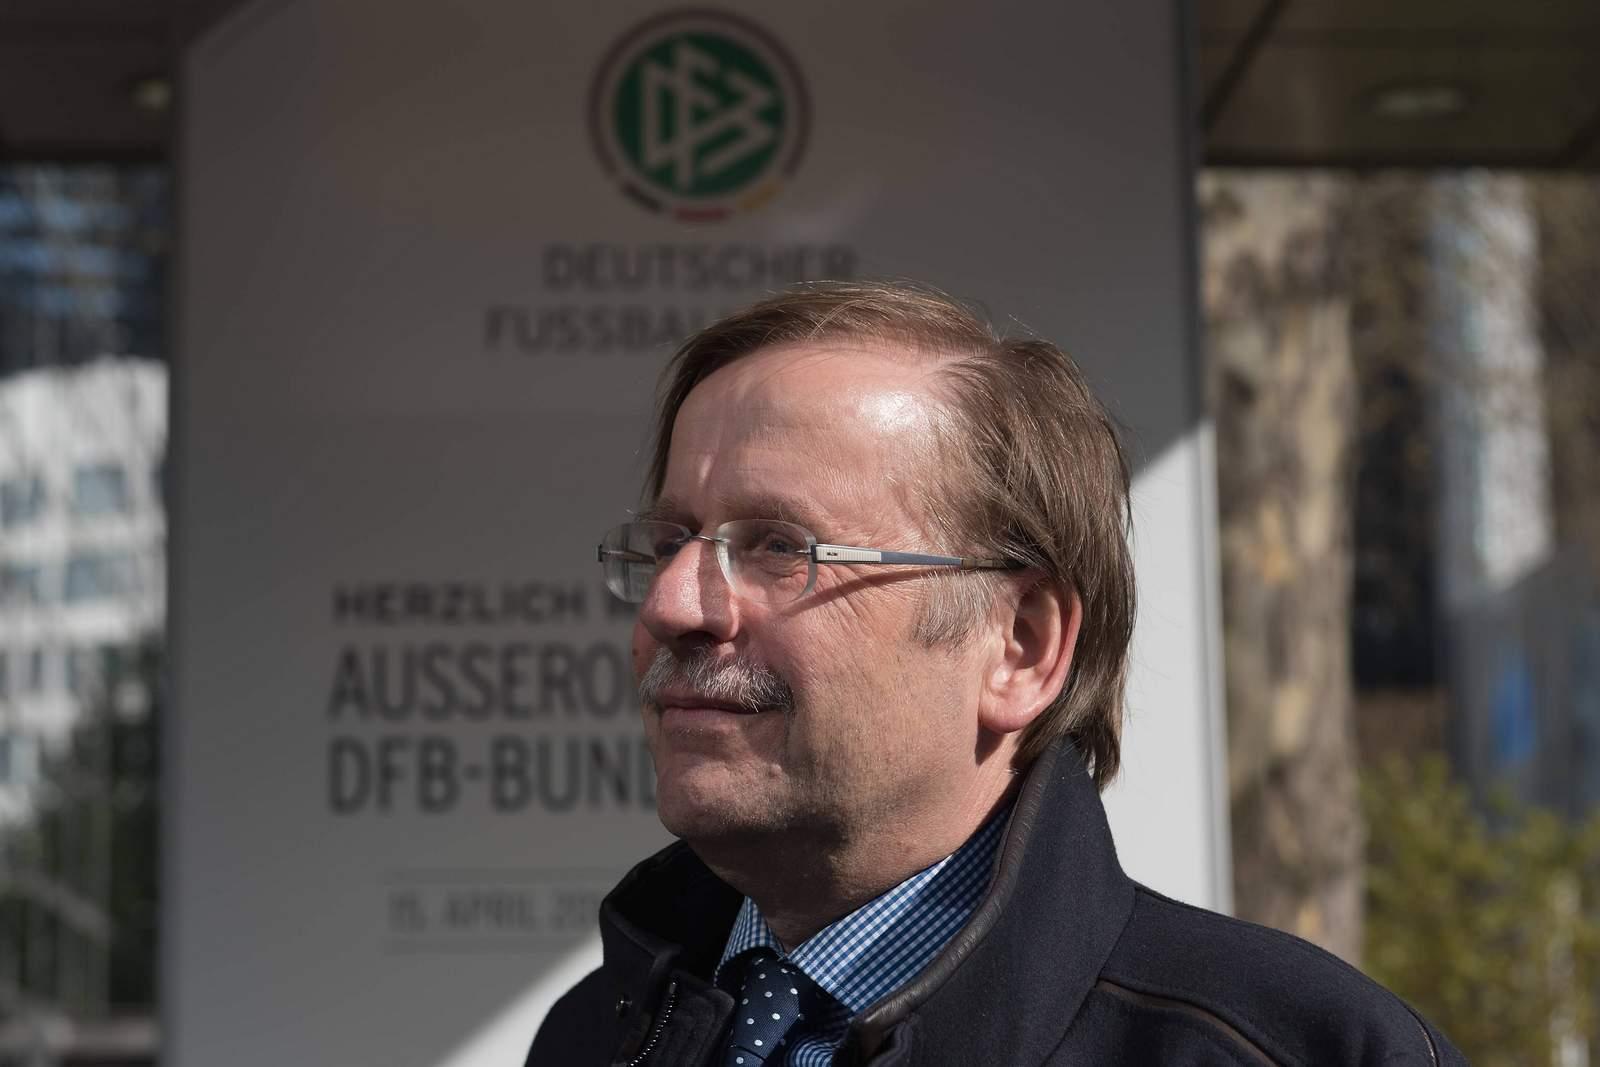 Rainer Koch beim außerordentlichen DFB-Bundestag